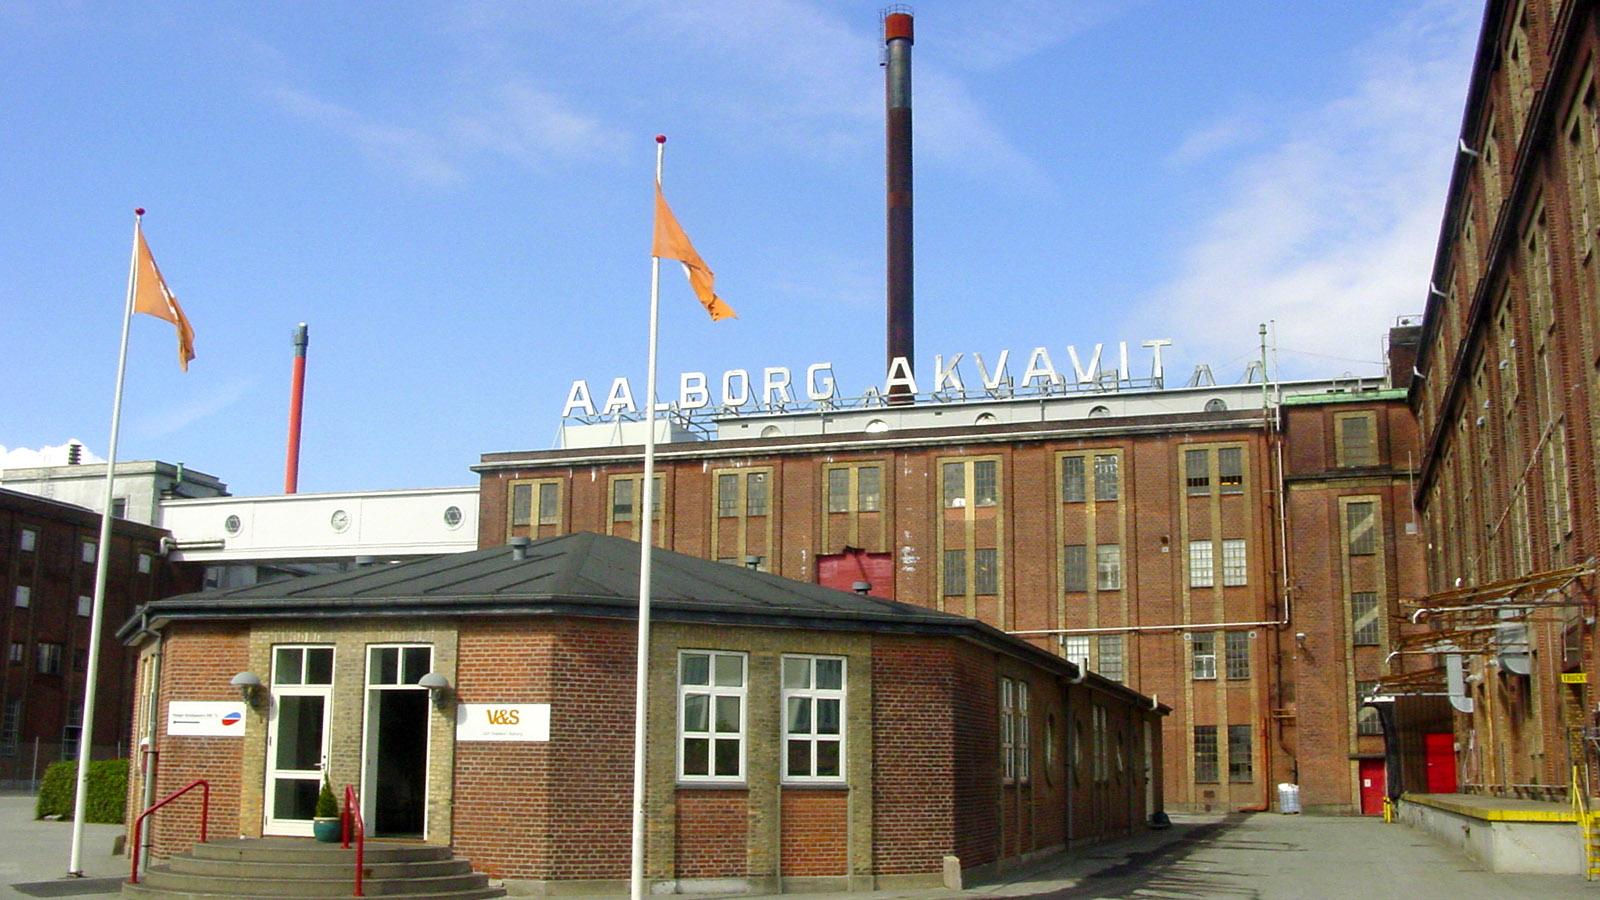 Schnapsroute: Aalborg Akvavit: das Fabrikgelände. Foto: Hike Maunder